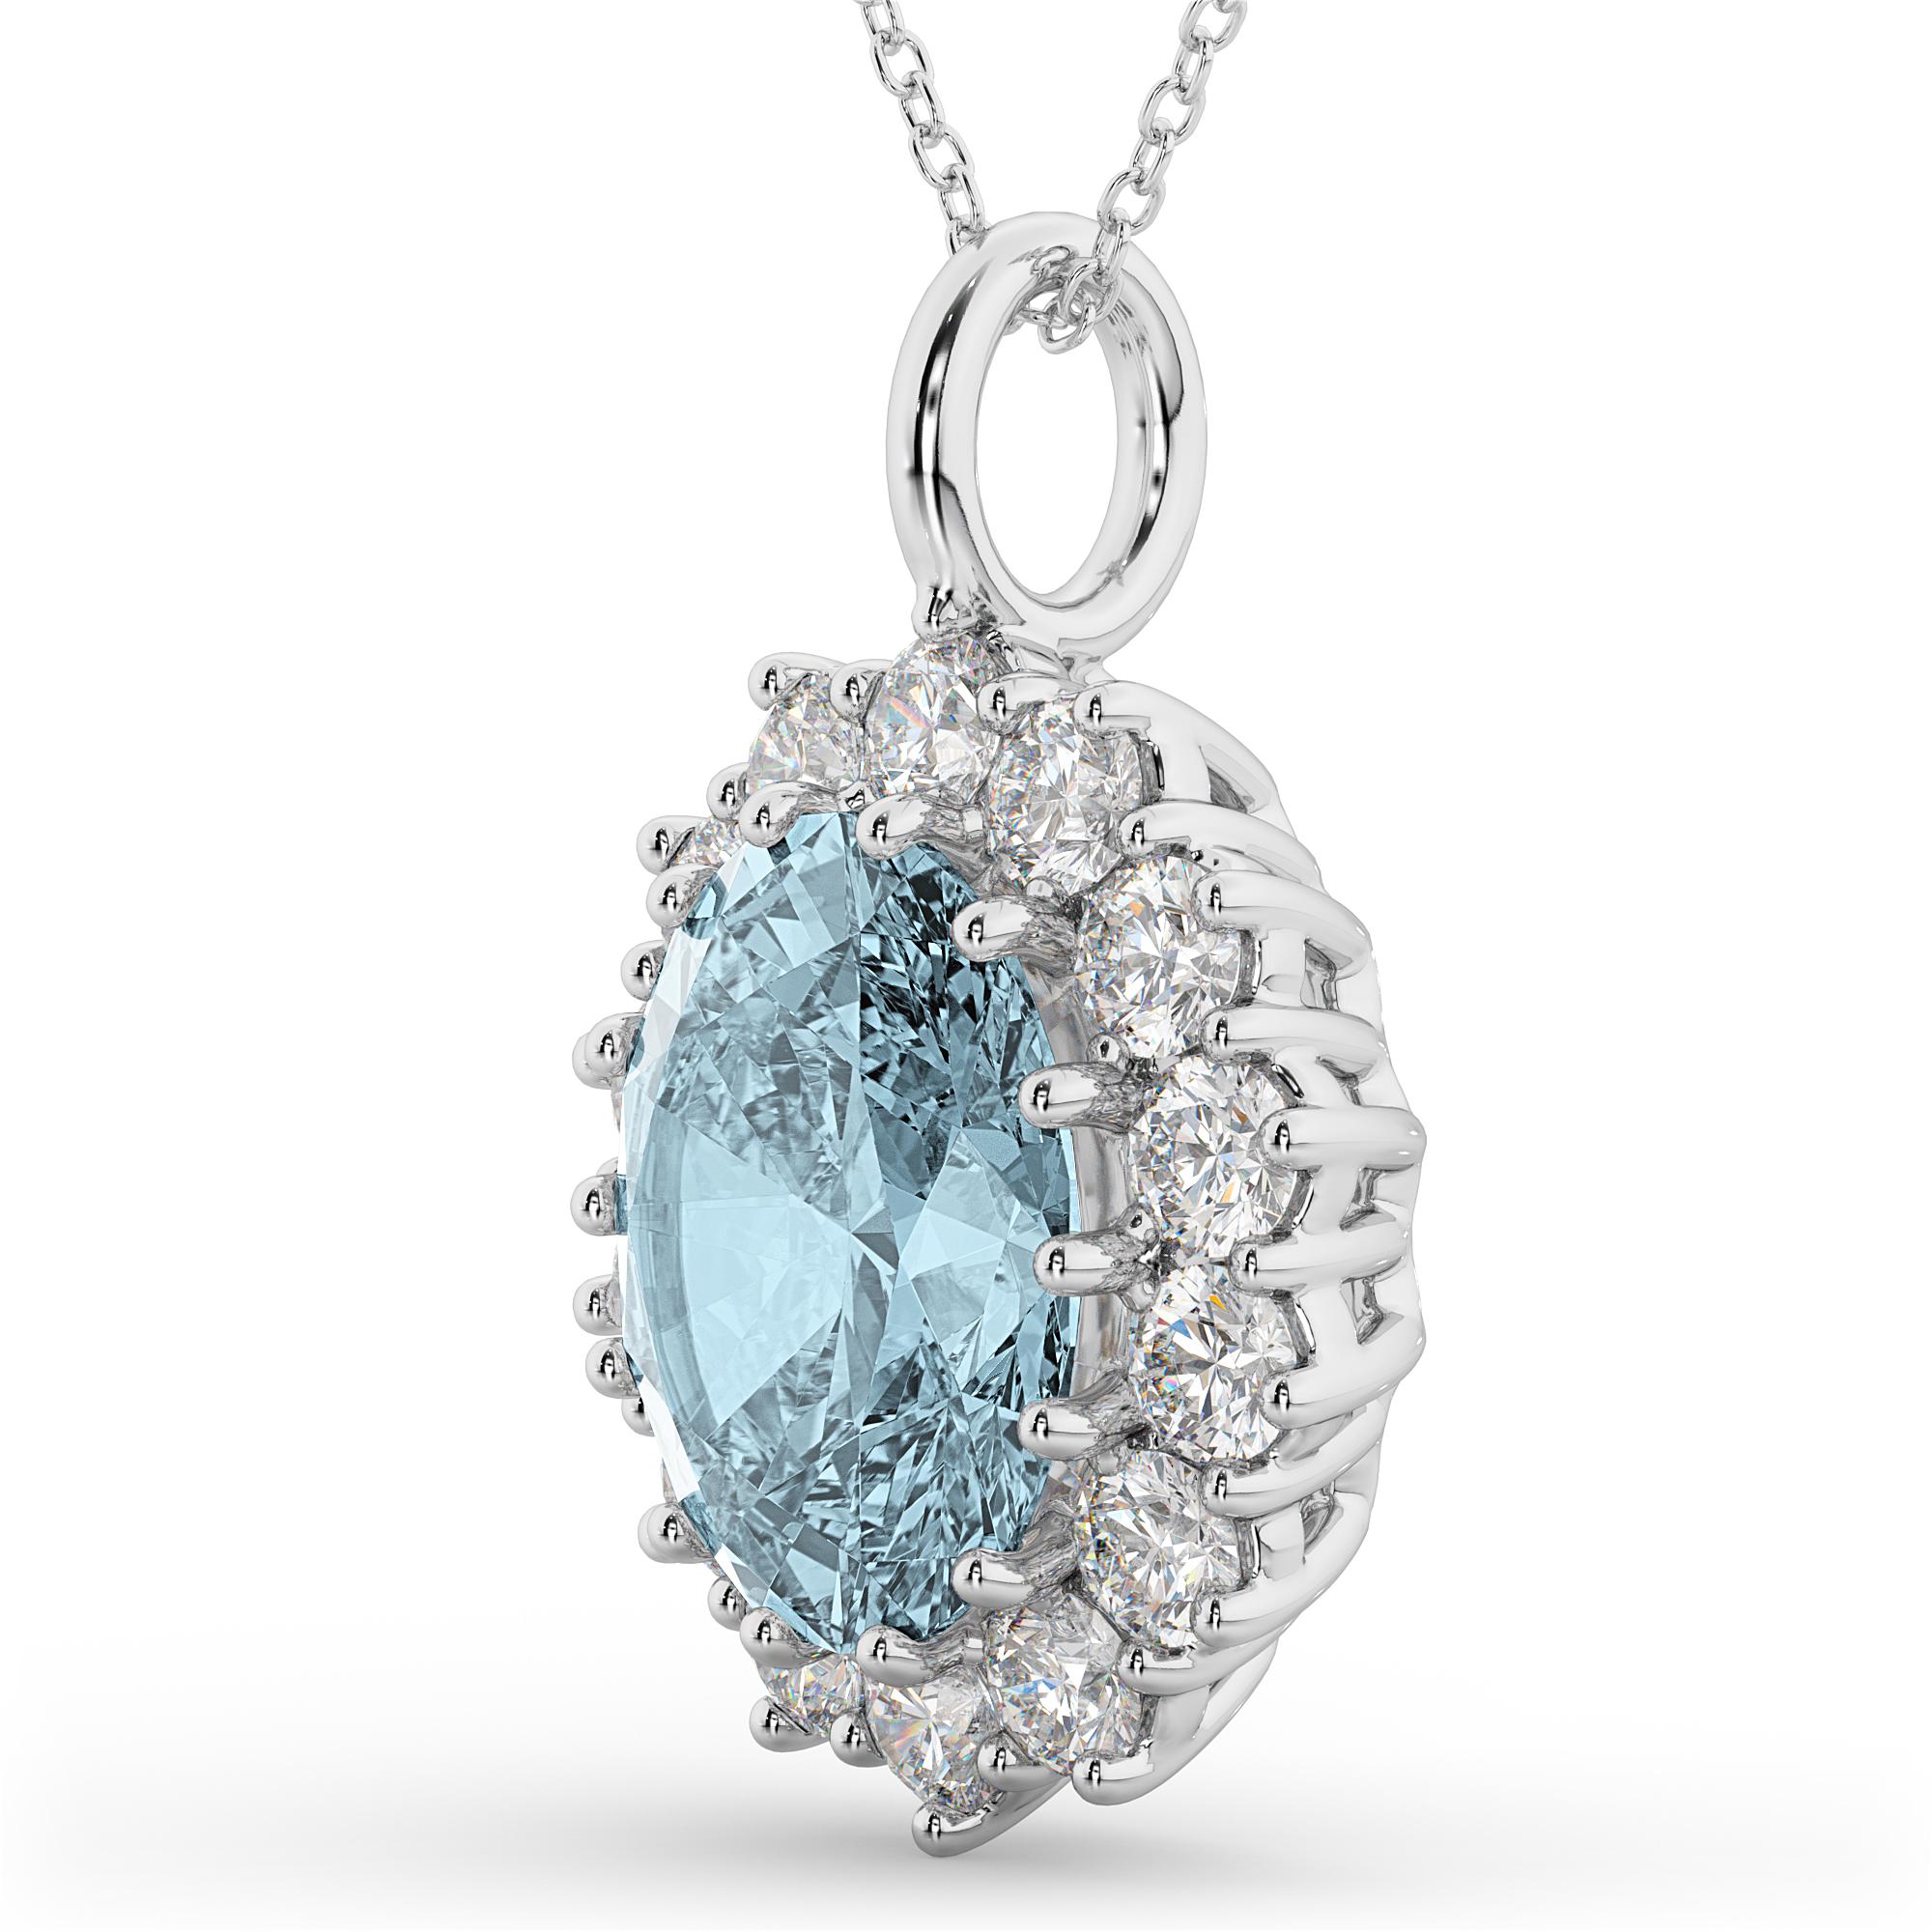 Aquamarine Necklaces: Oval Aquamarine & Diamond Halo Pendant Necklace 14k White